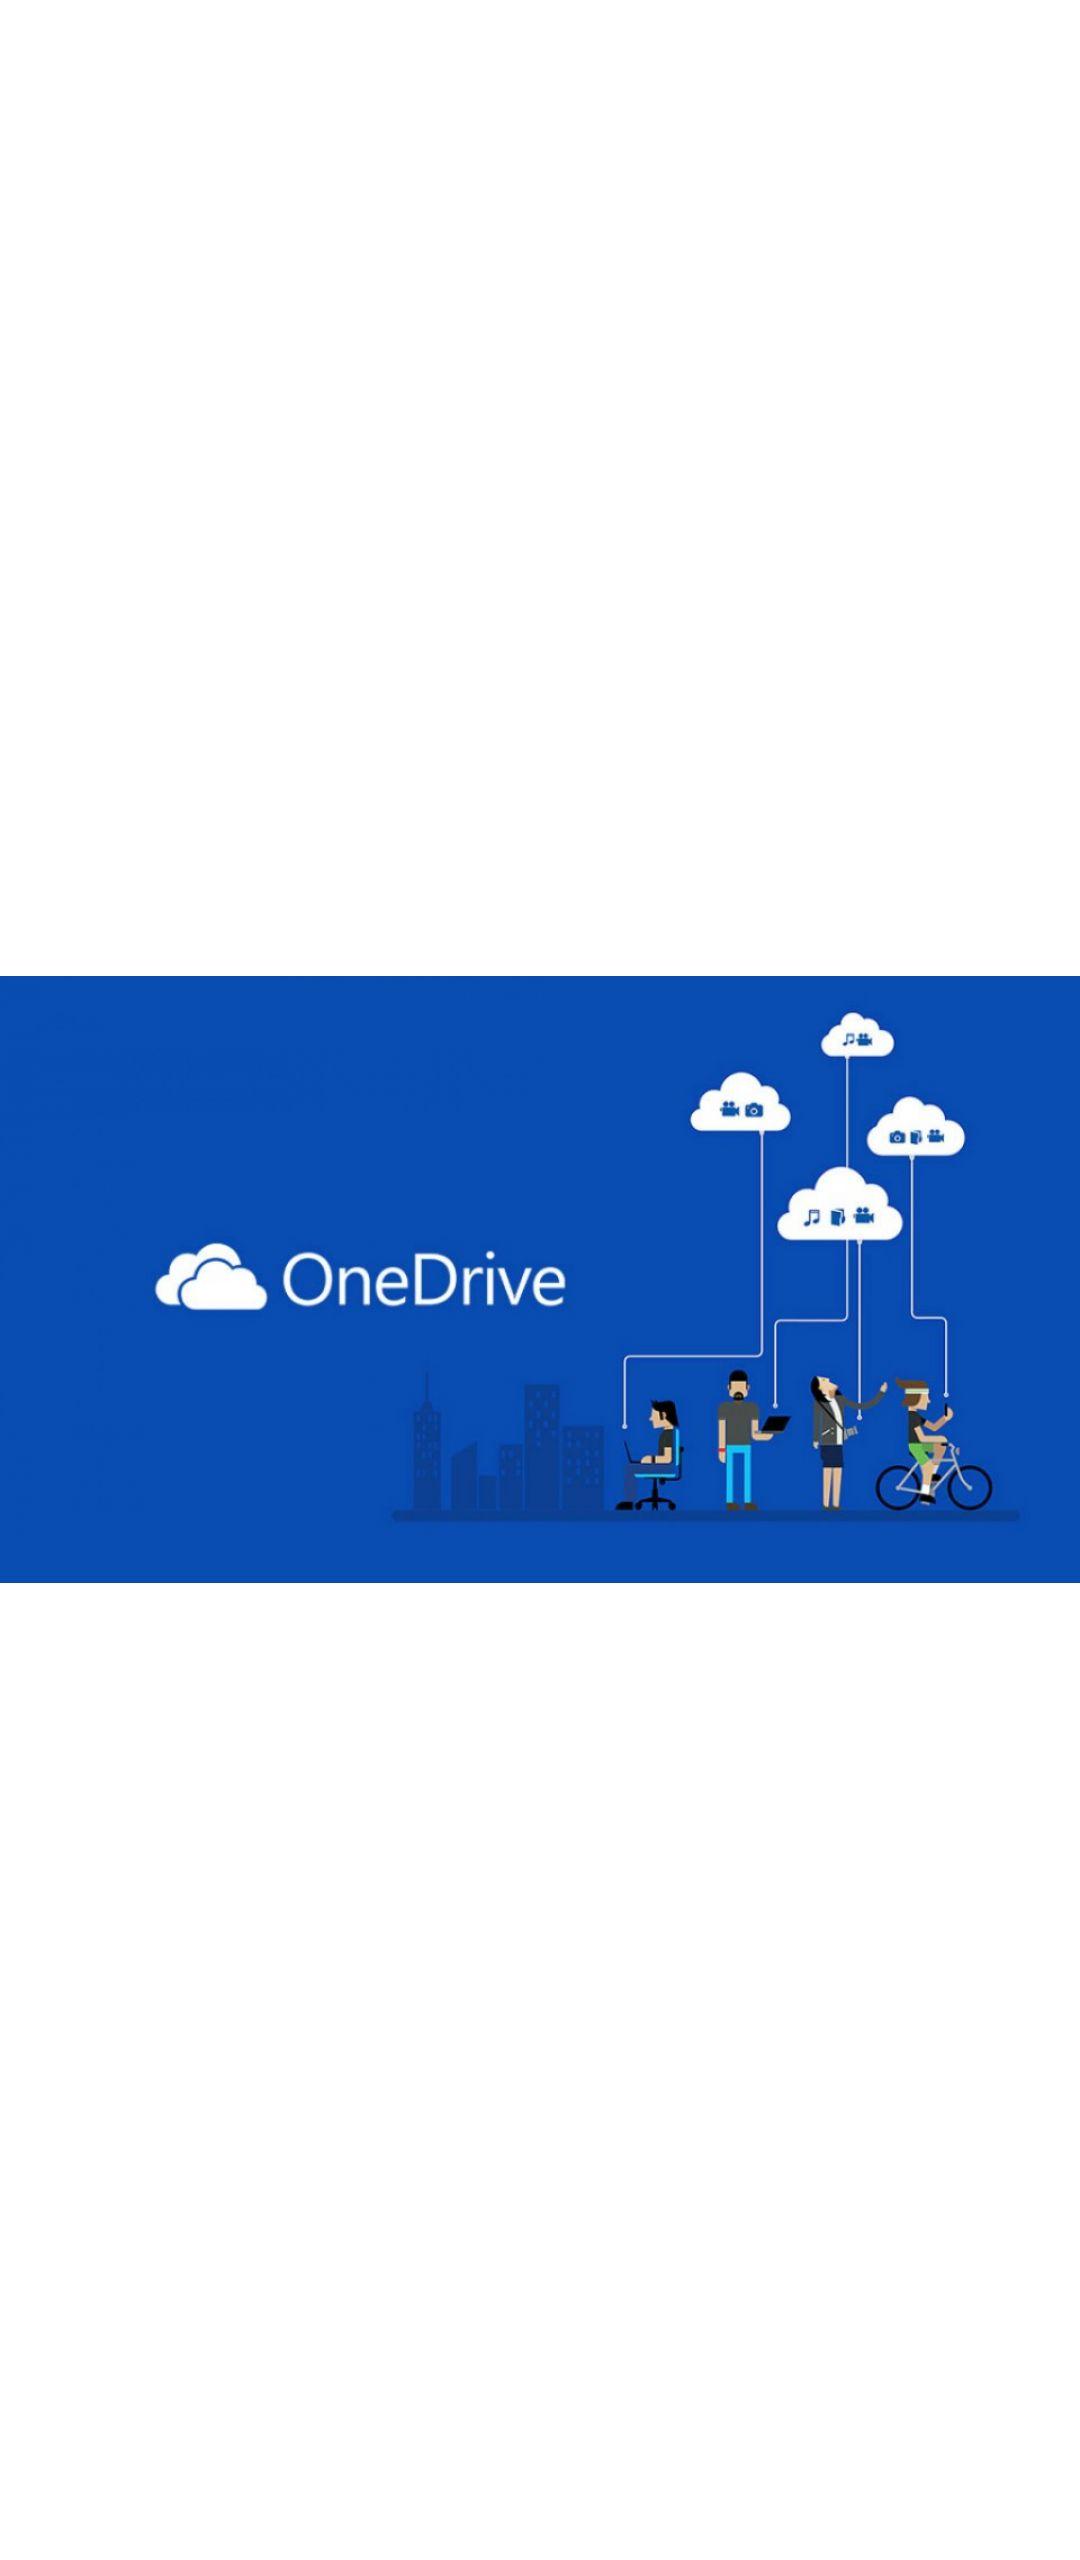 Windows 10 estrena los archivos de OneDrive bajo demanda